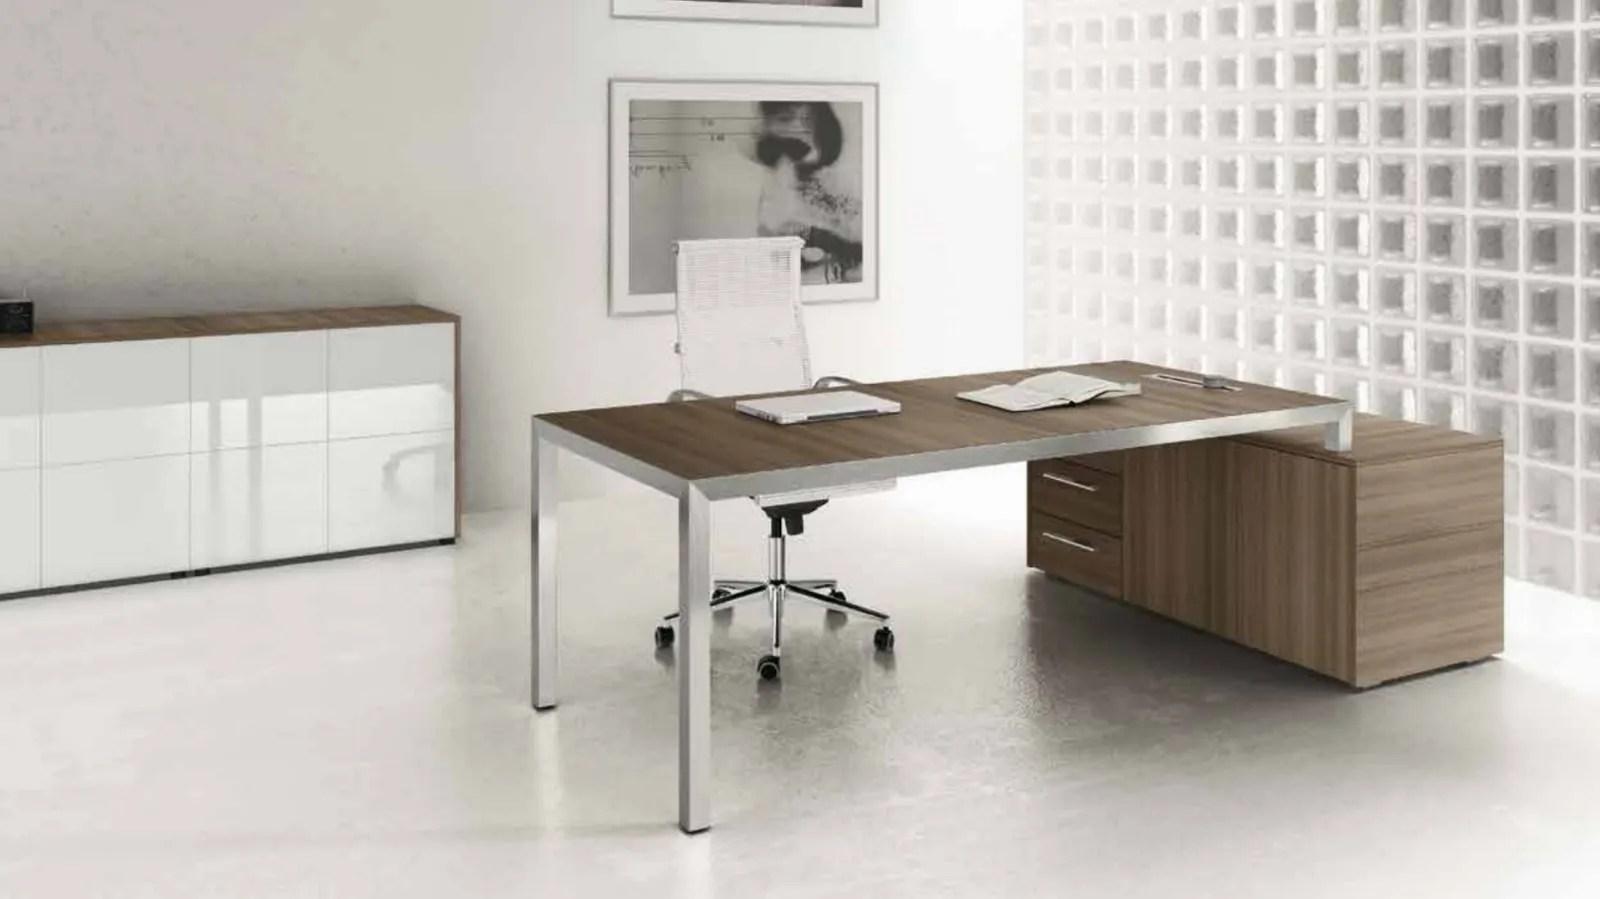 La vendita di beni mobili pervenuti per cose vecchie. Scrivania Operativa Over Melaminico Di Colombini Office